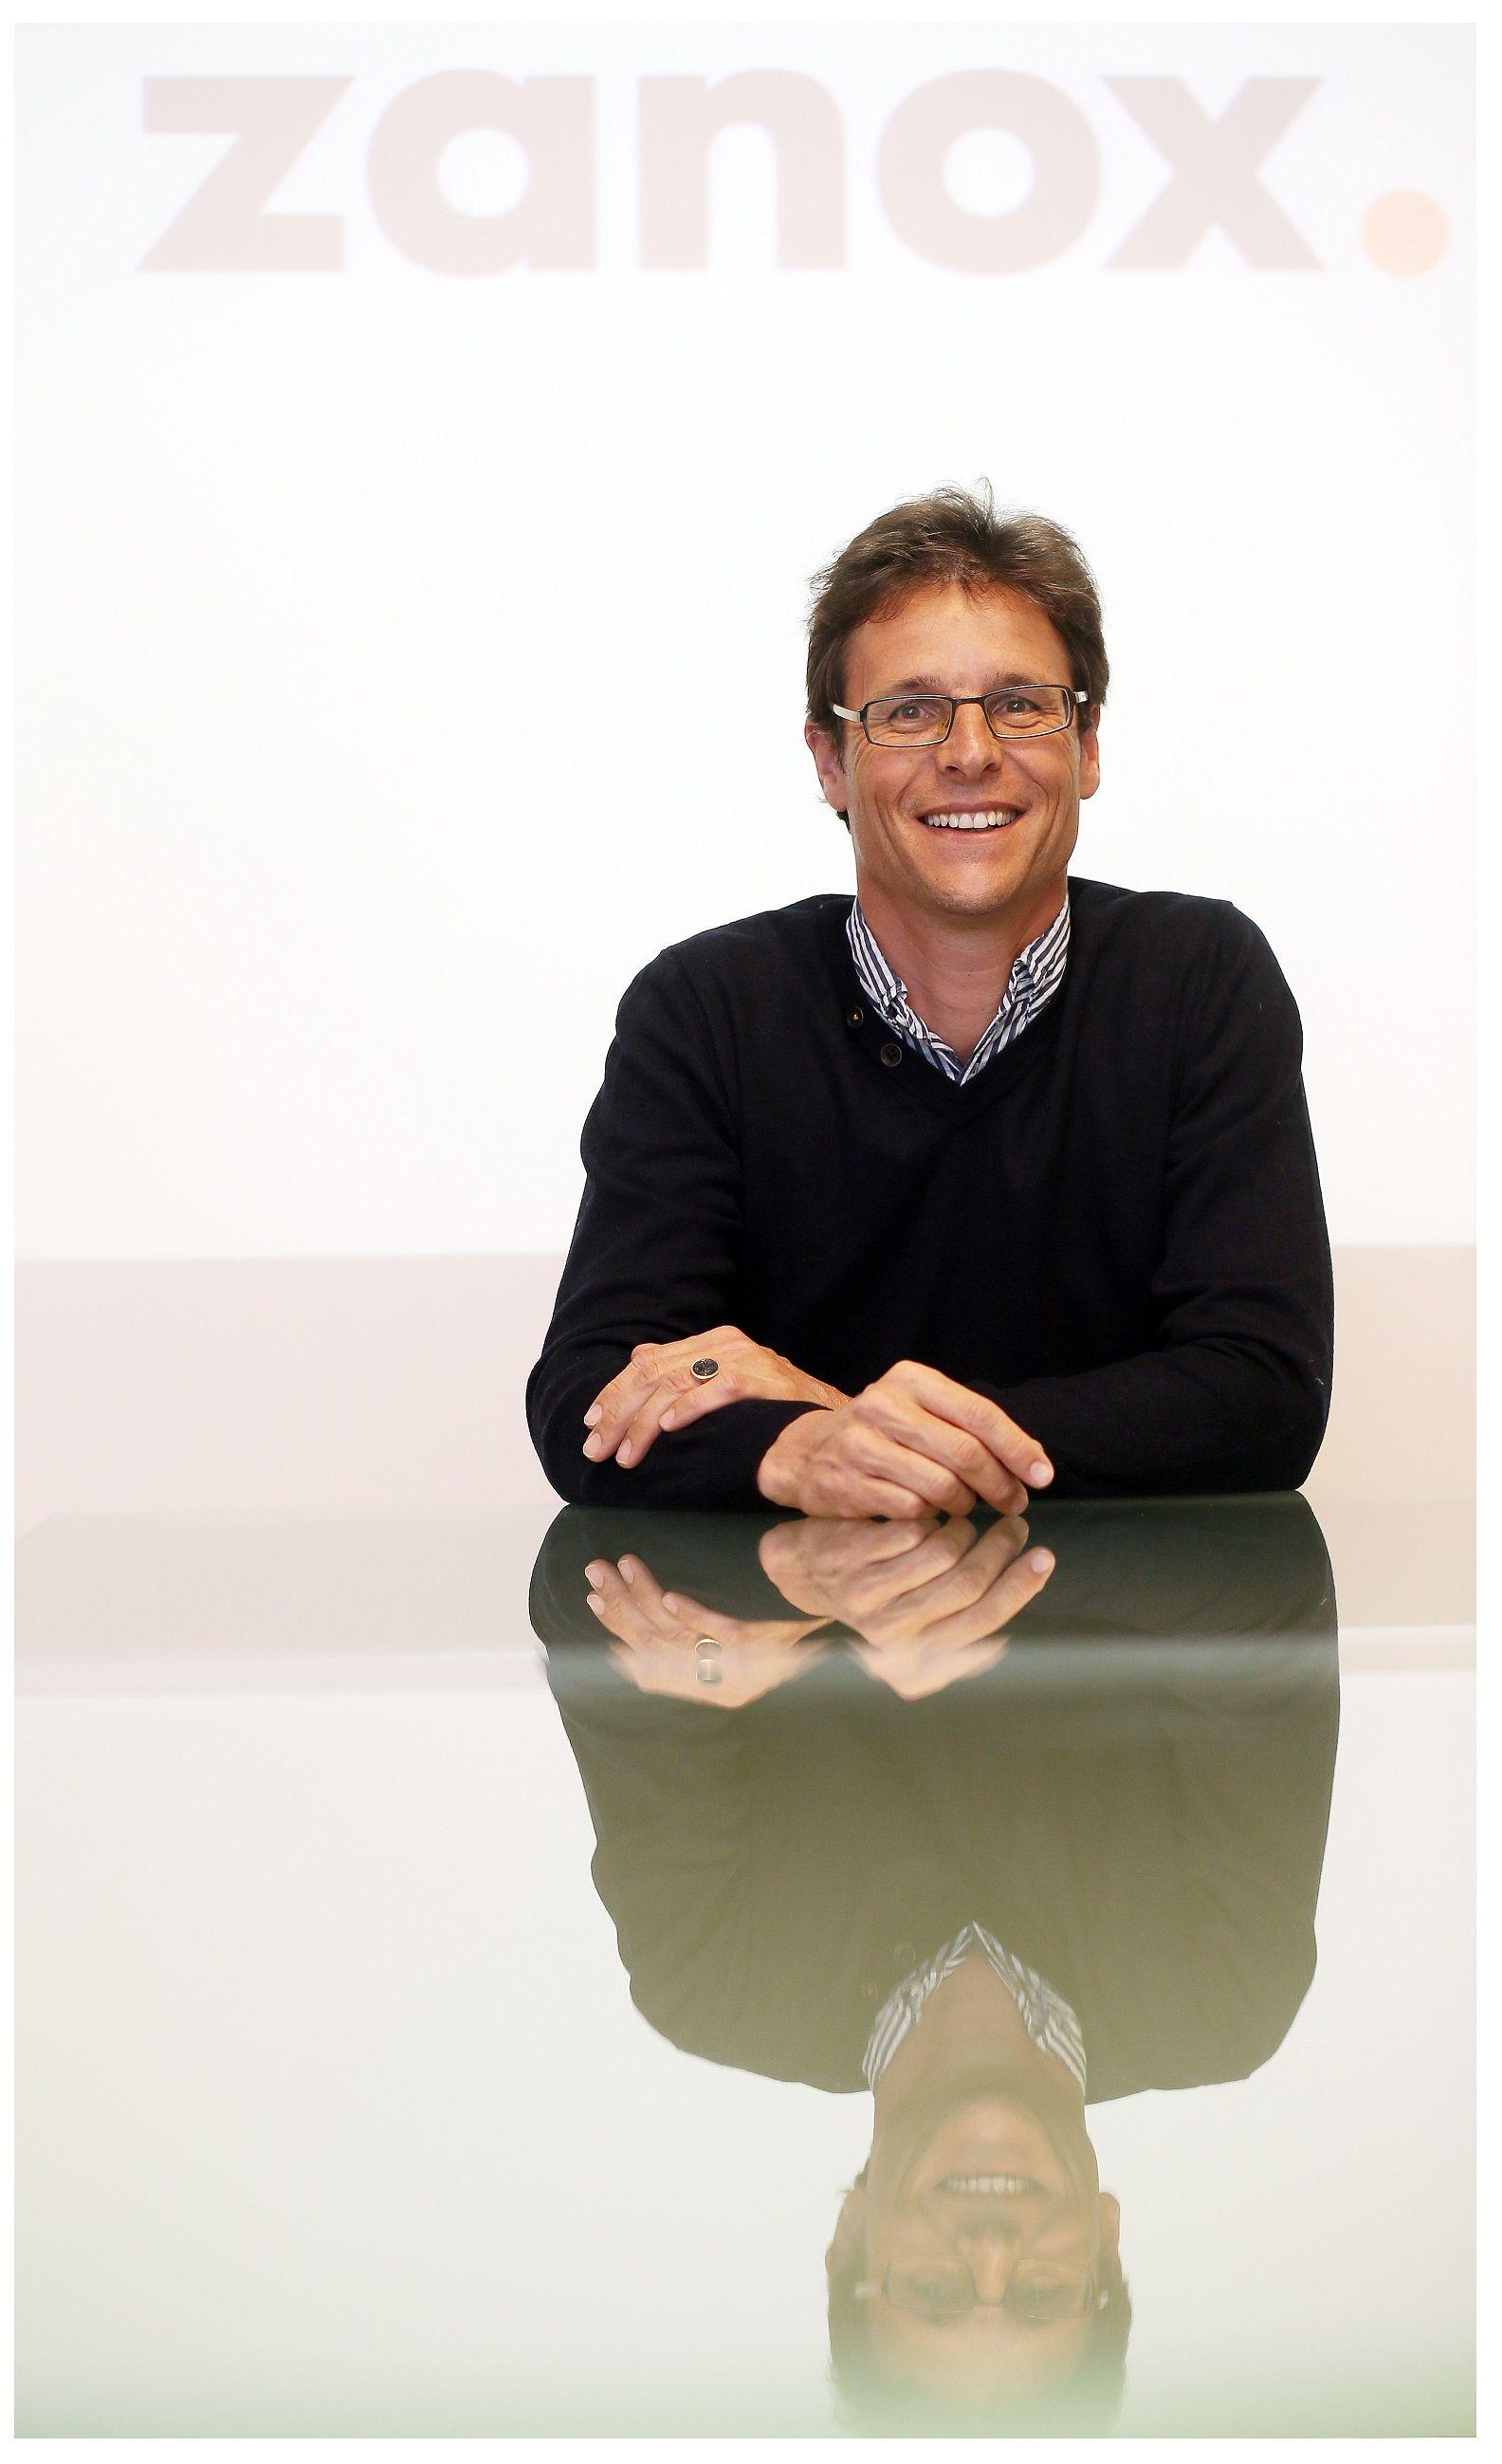 Thomas Joosten wird CEO bei zanox